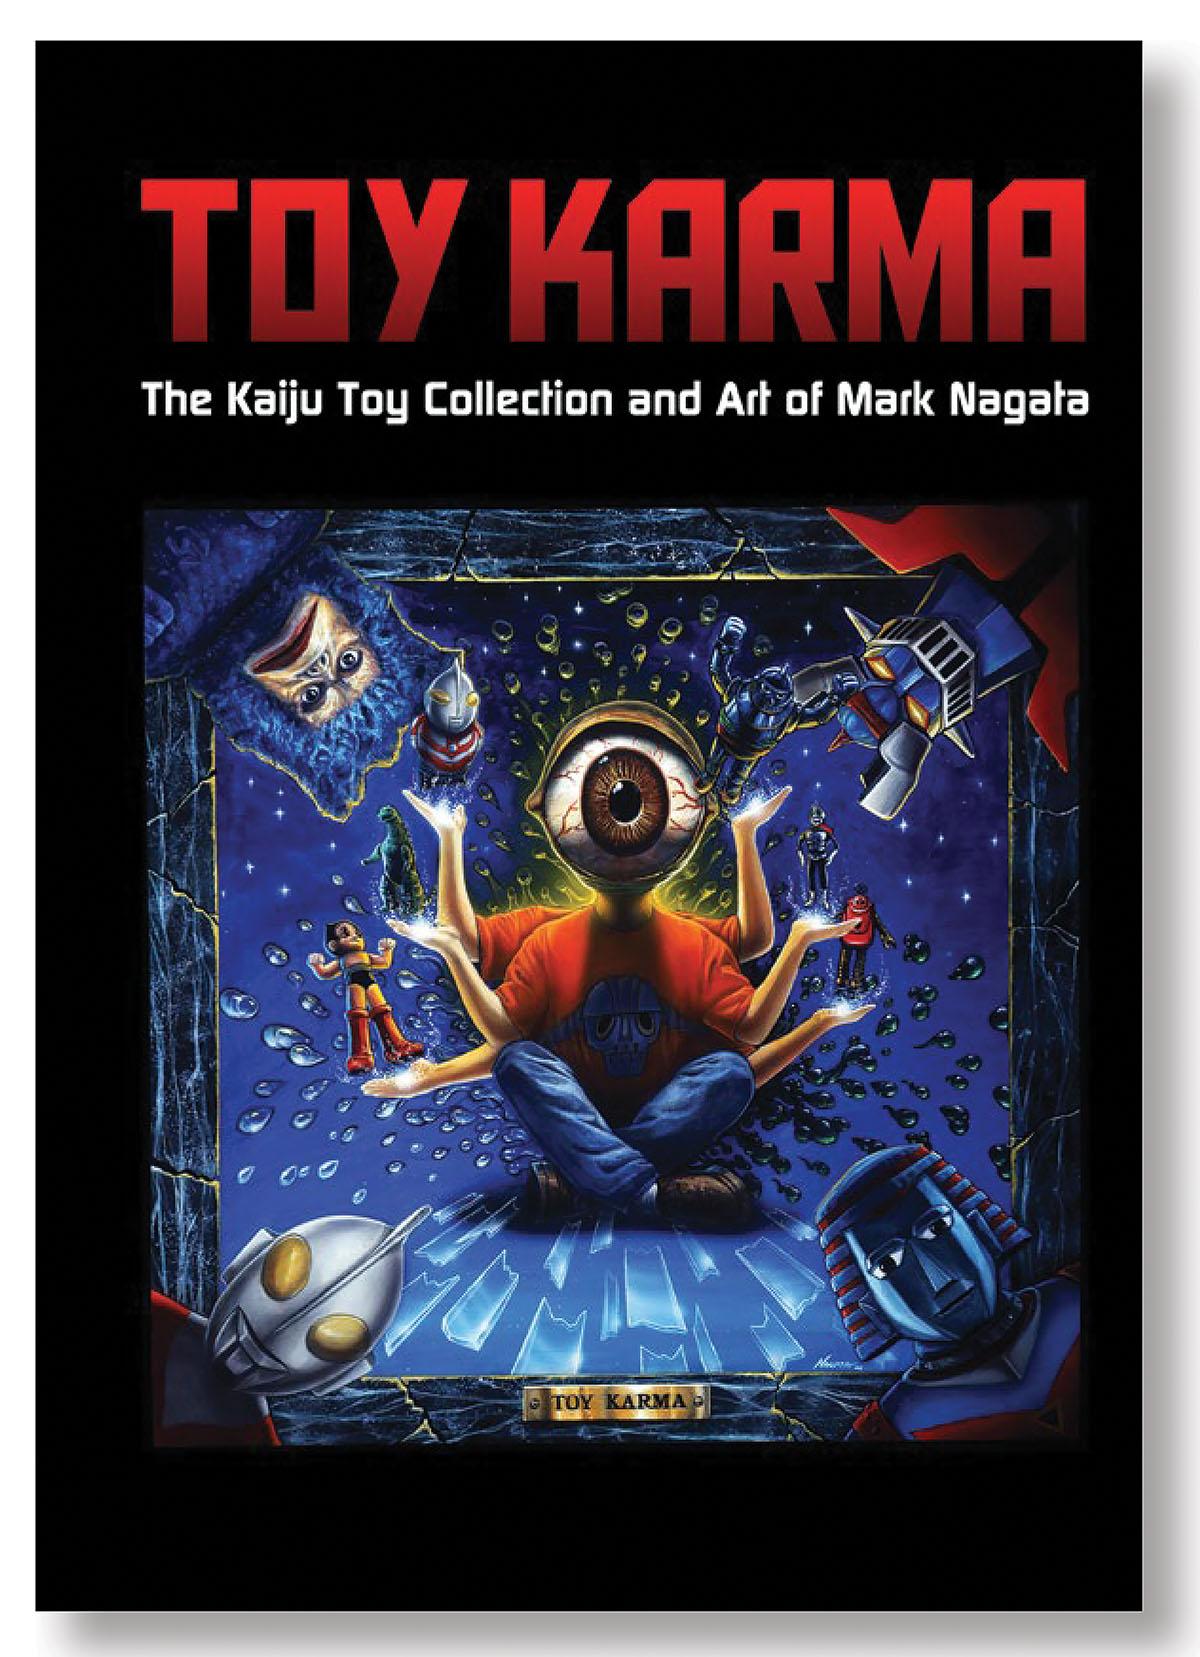 Toy Karma